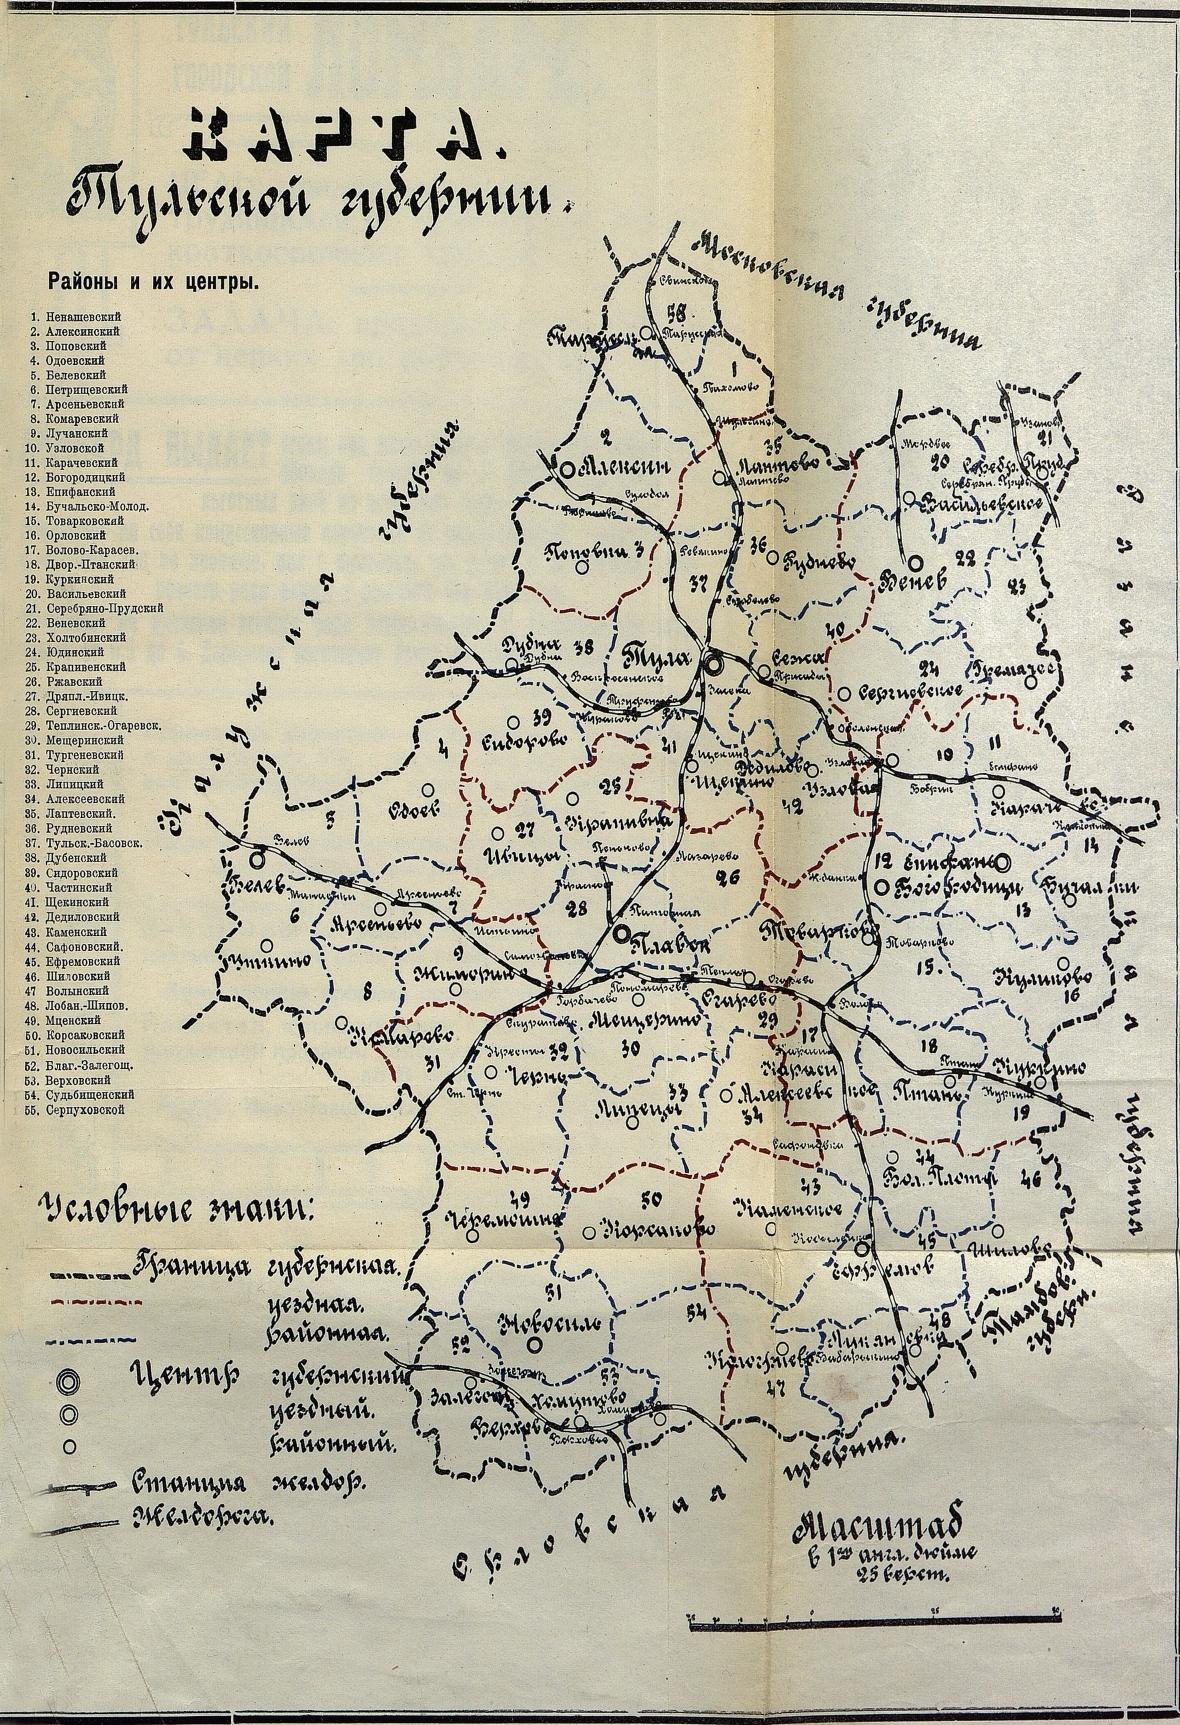 Вся тула и тульская губерния. карта районов. скачать.